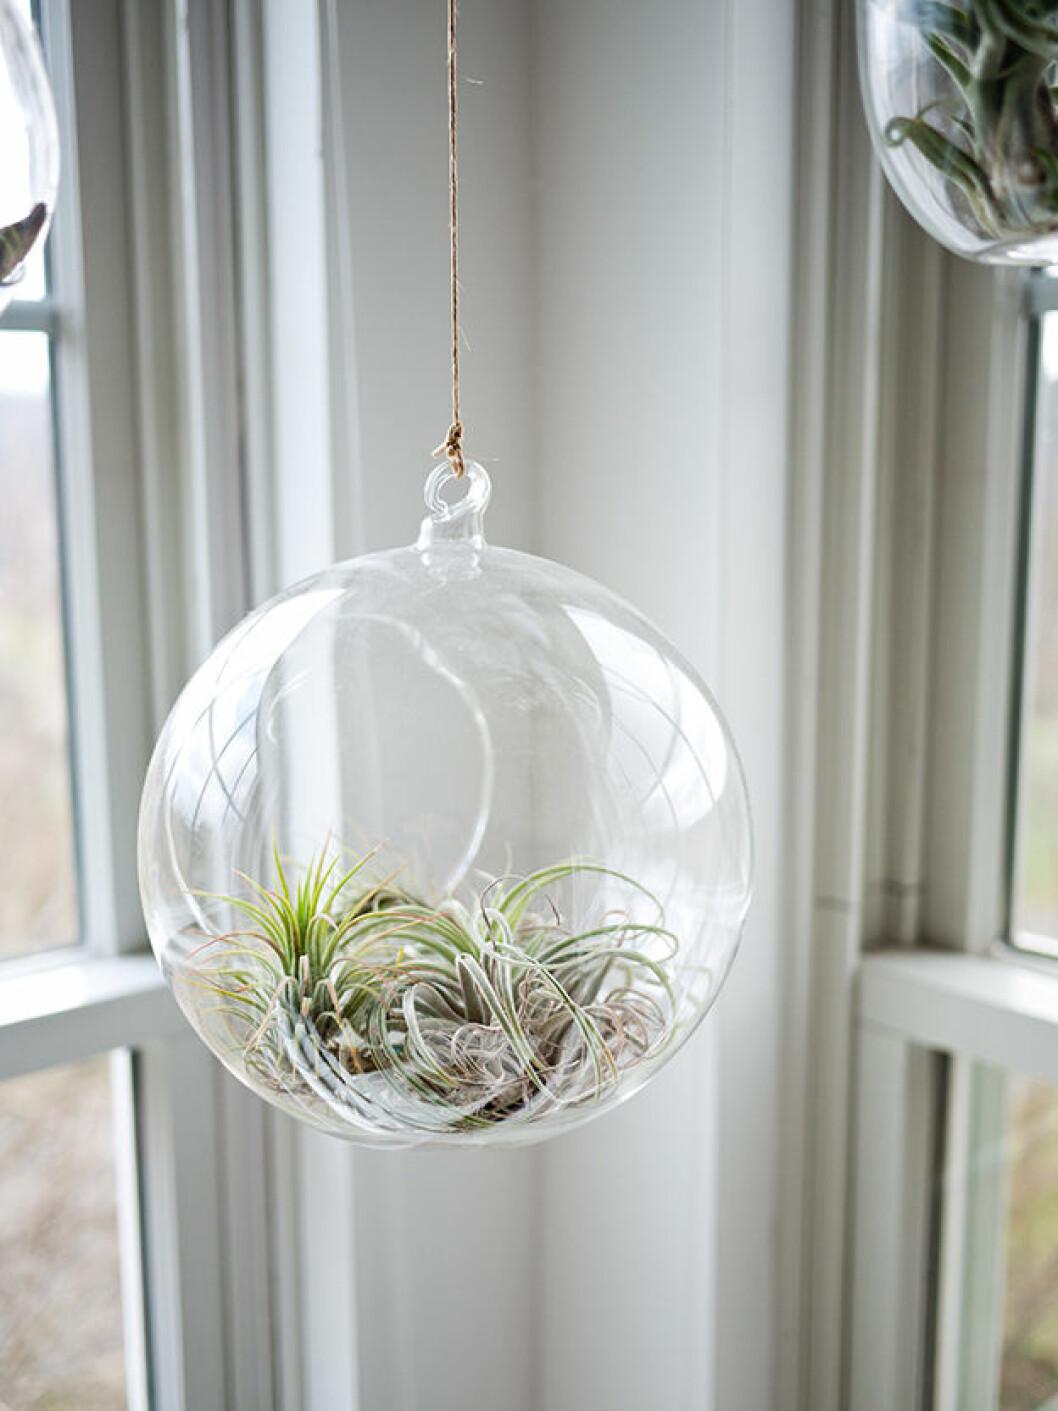 Airplant i en globformat vas som hänger från taket